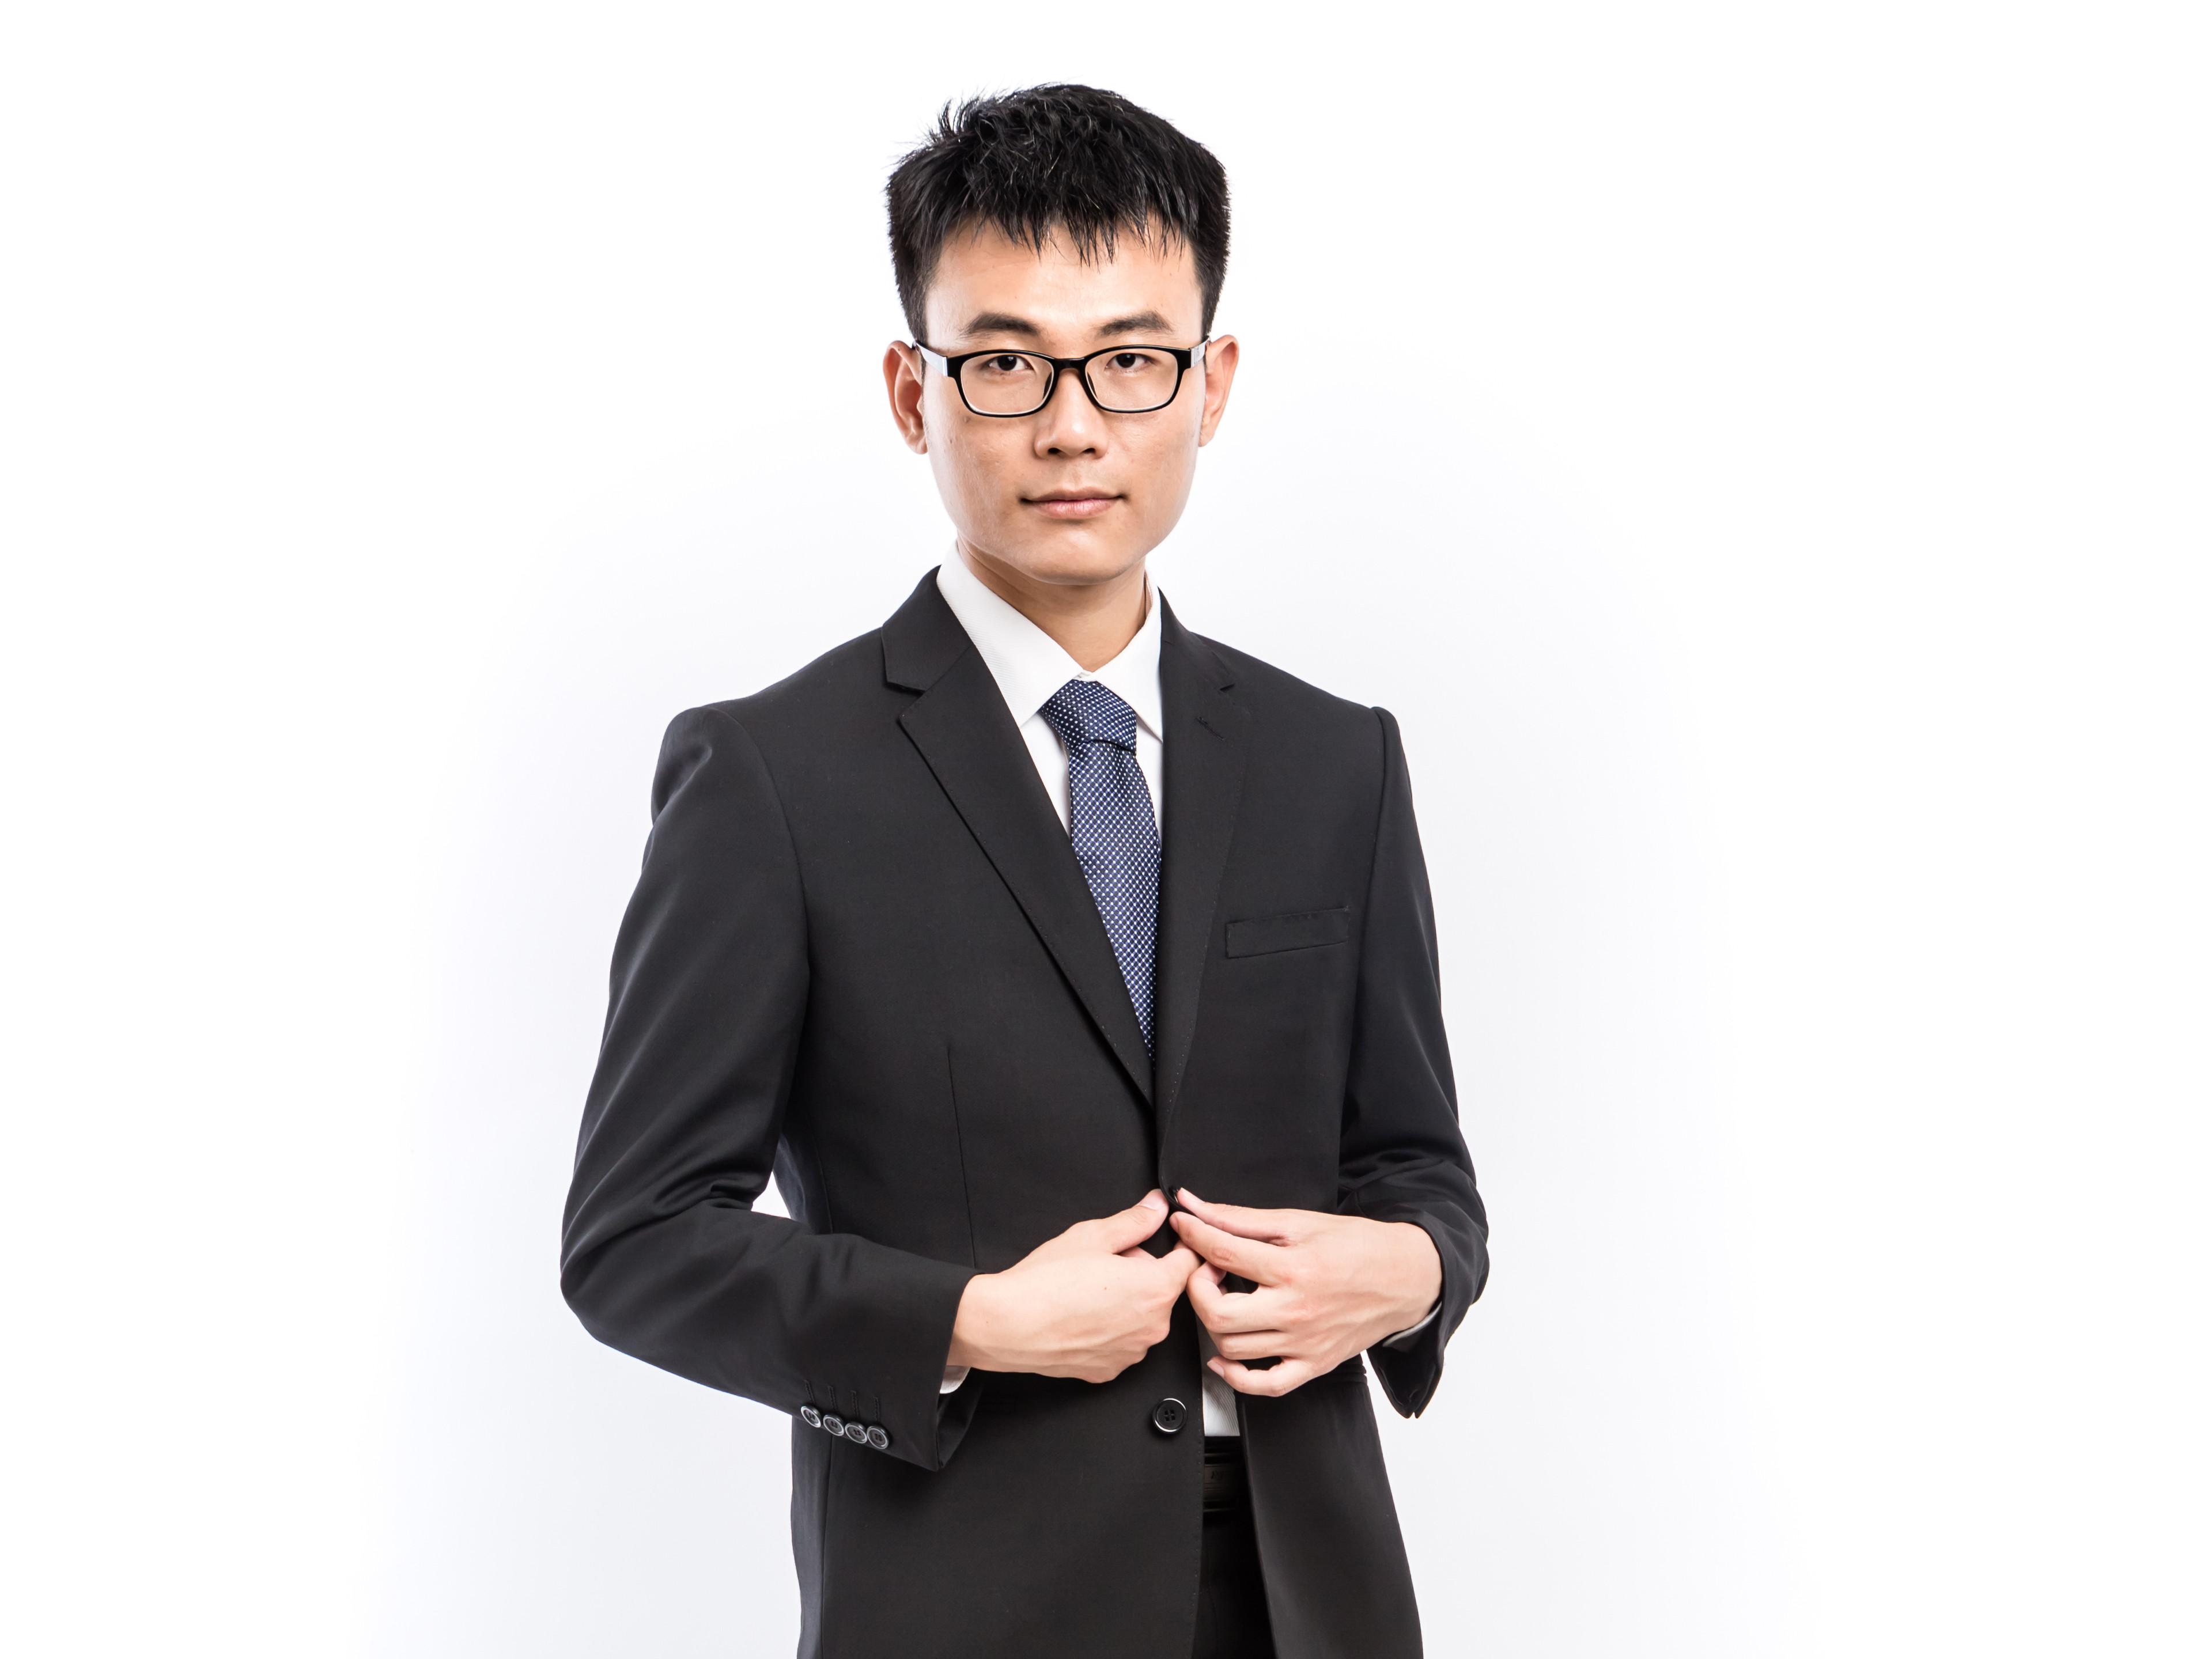 陈冠舷集亚洲色�_陈冠